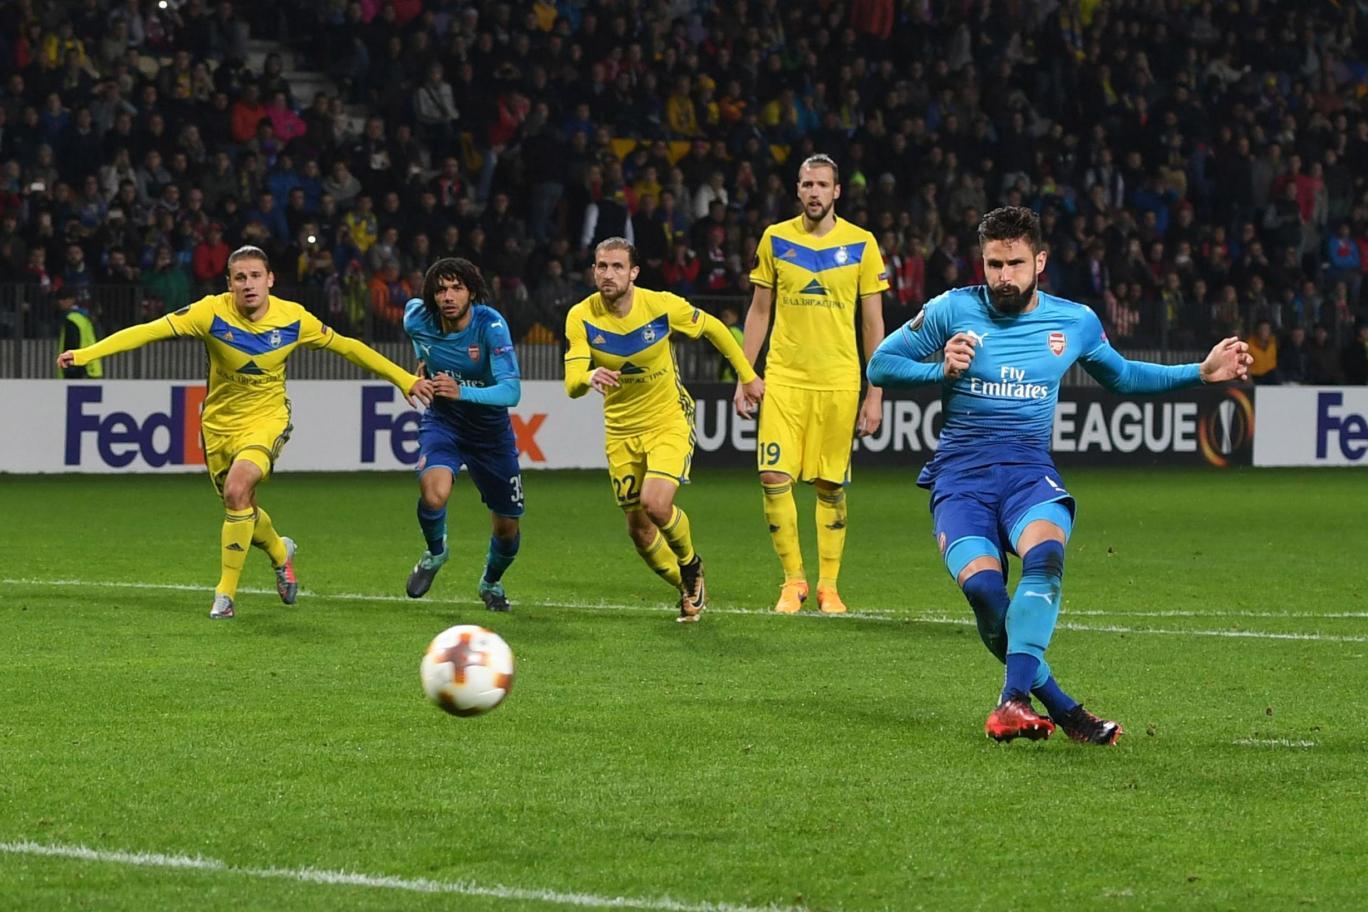 Tổng hợp lượt cuối vòng bảng Europa League: Nhạt nhòa ván cờ tàn - Bóng Đá